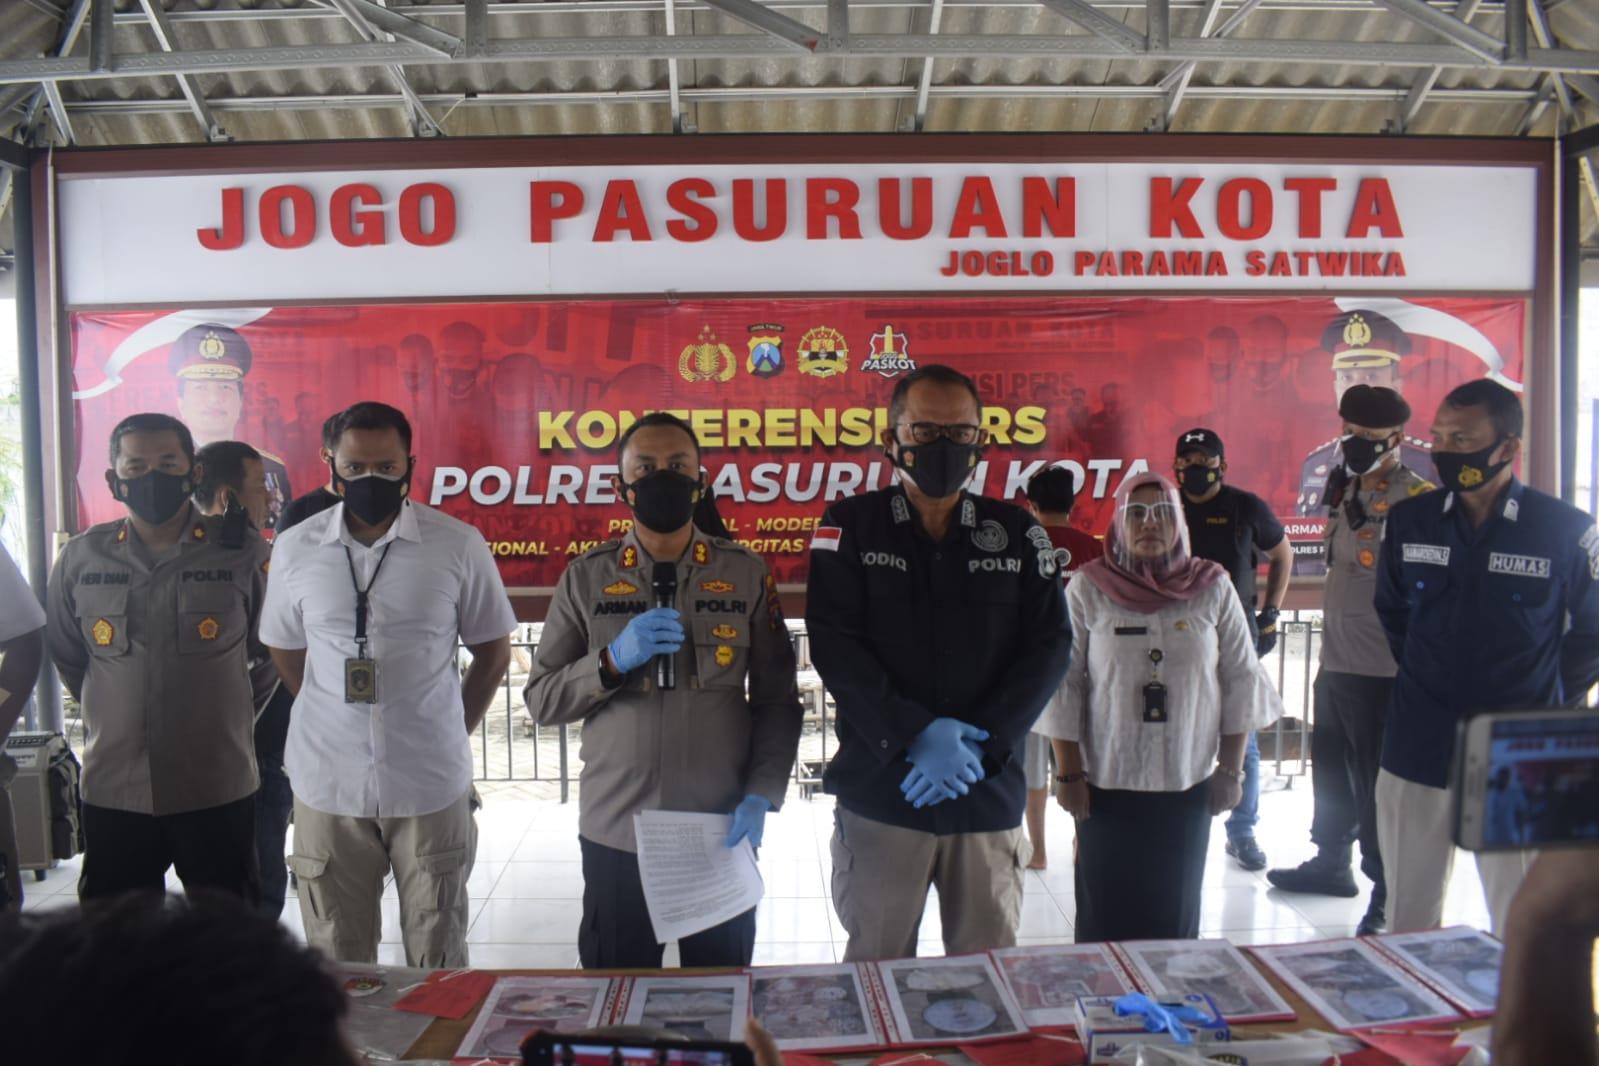 Polres PasuruanKota Tetapkan 4 Tersangka Peristiwa Ledakan BomBondet | Memo Surabaya